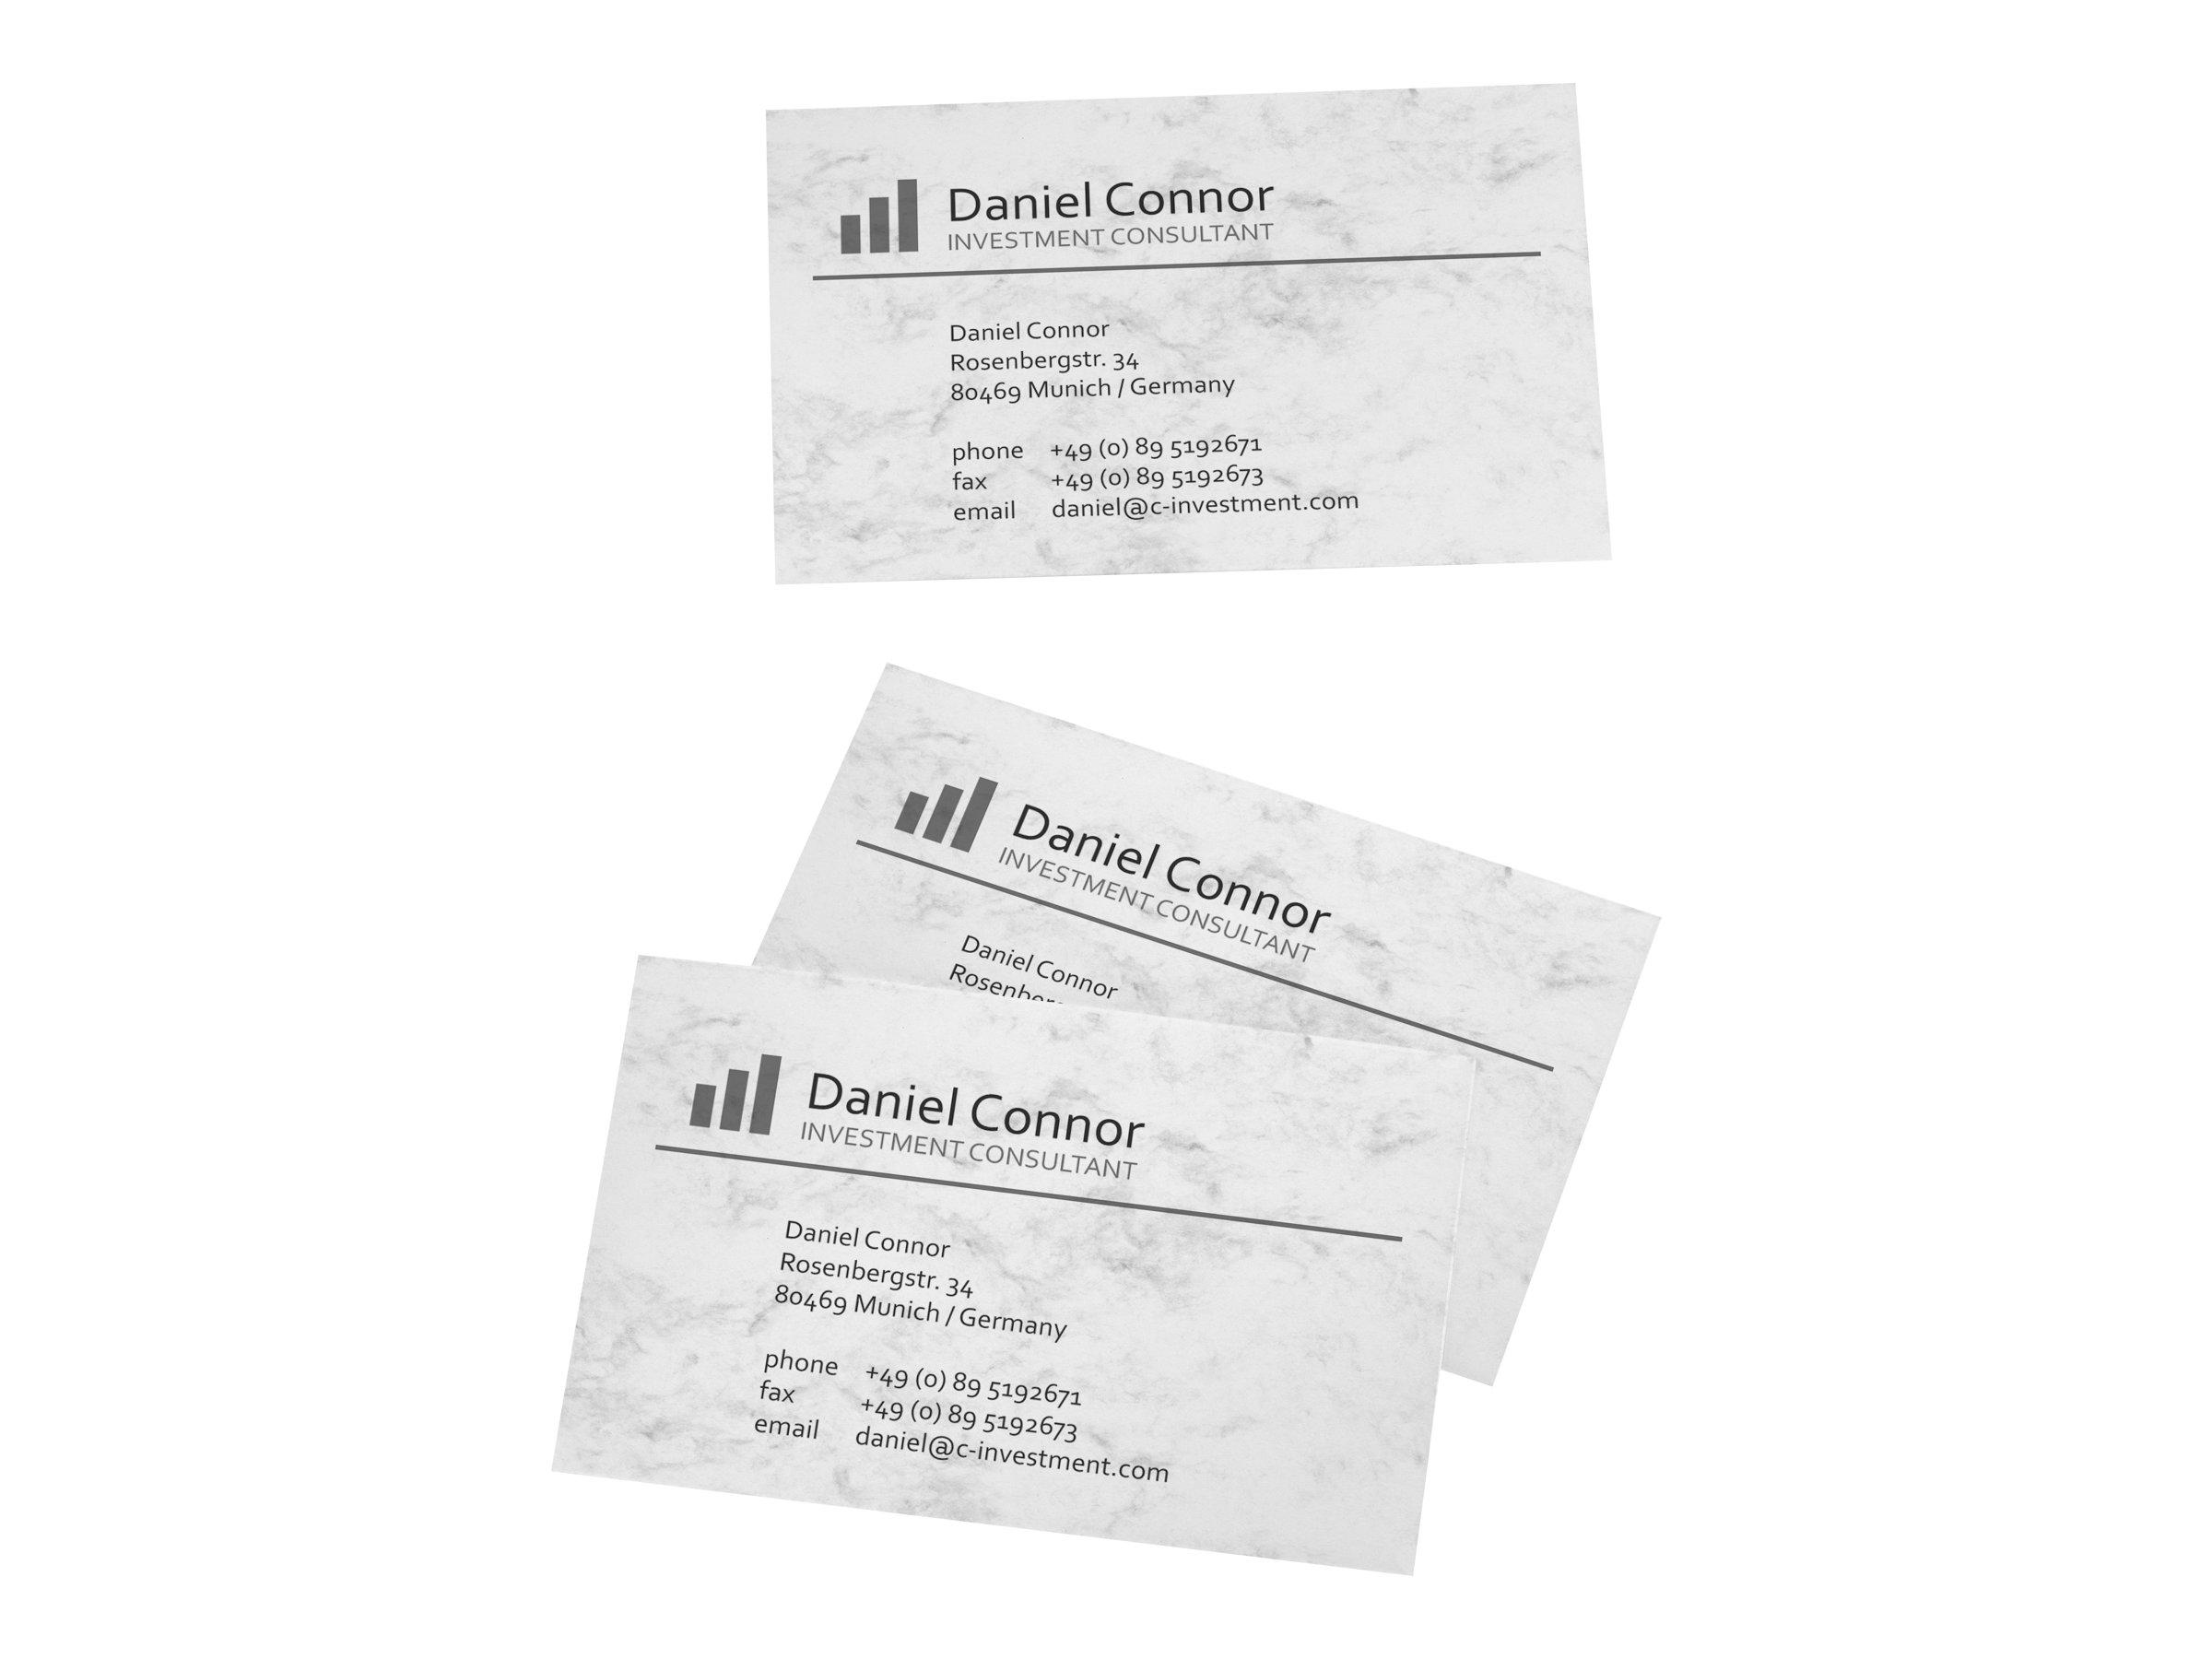 Sigel Business Card 3C DP742 - Marble Gray - 85 x 55 mm - 225 g/m² - 100 Karte(n) (10 Bogen x 10)